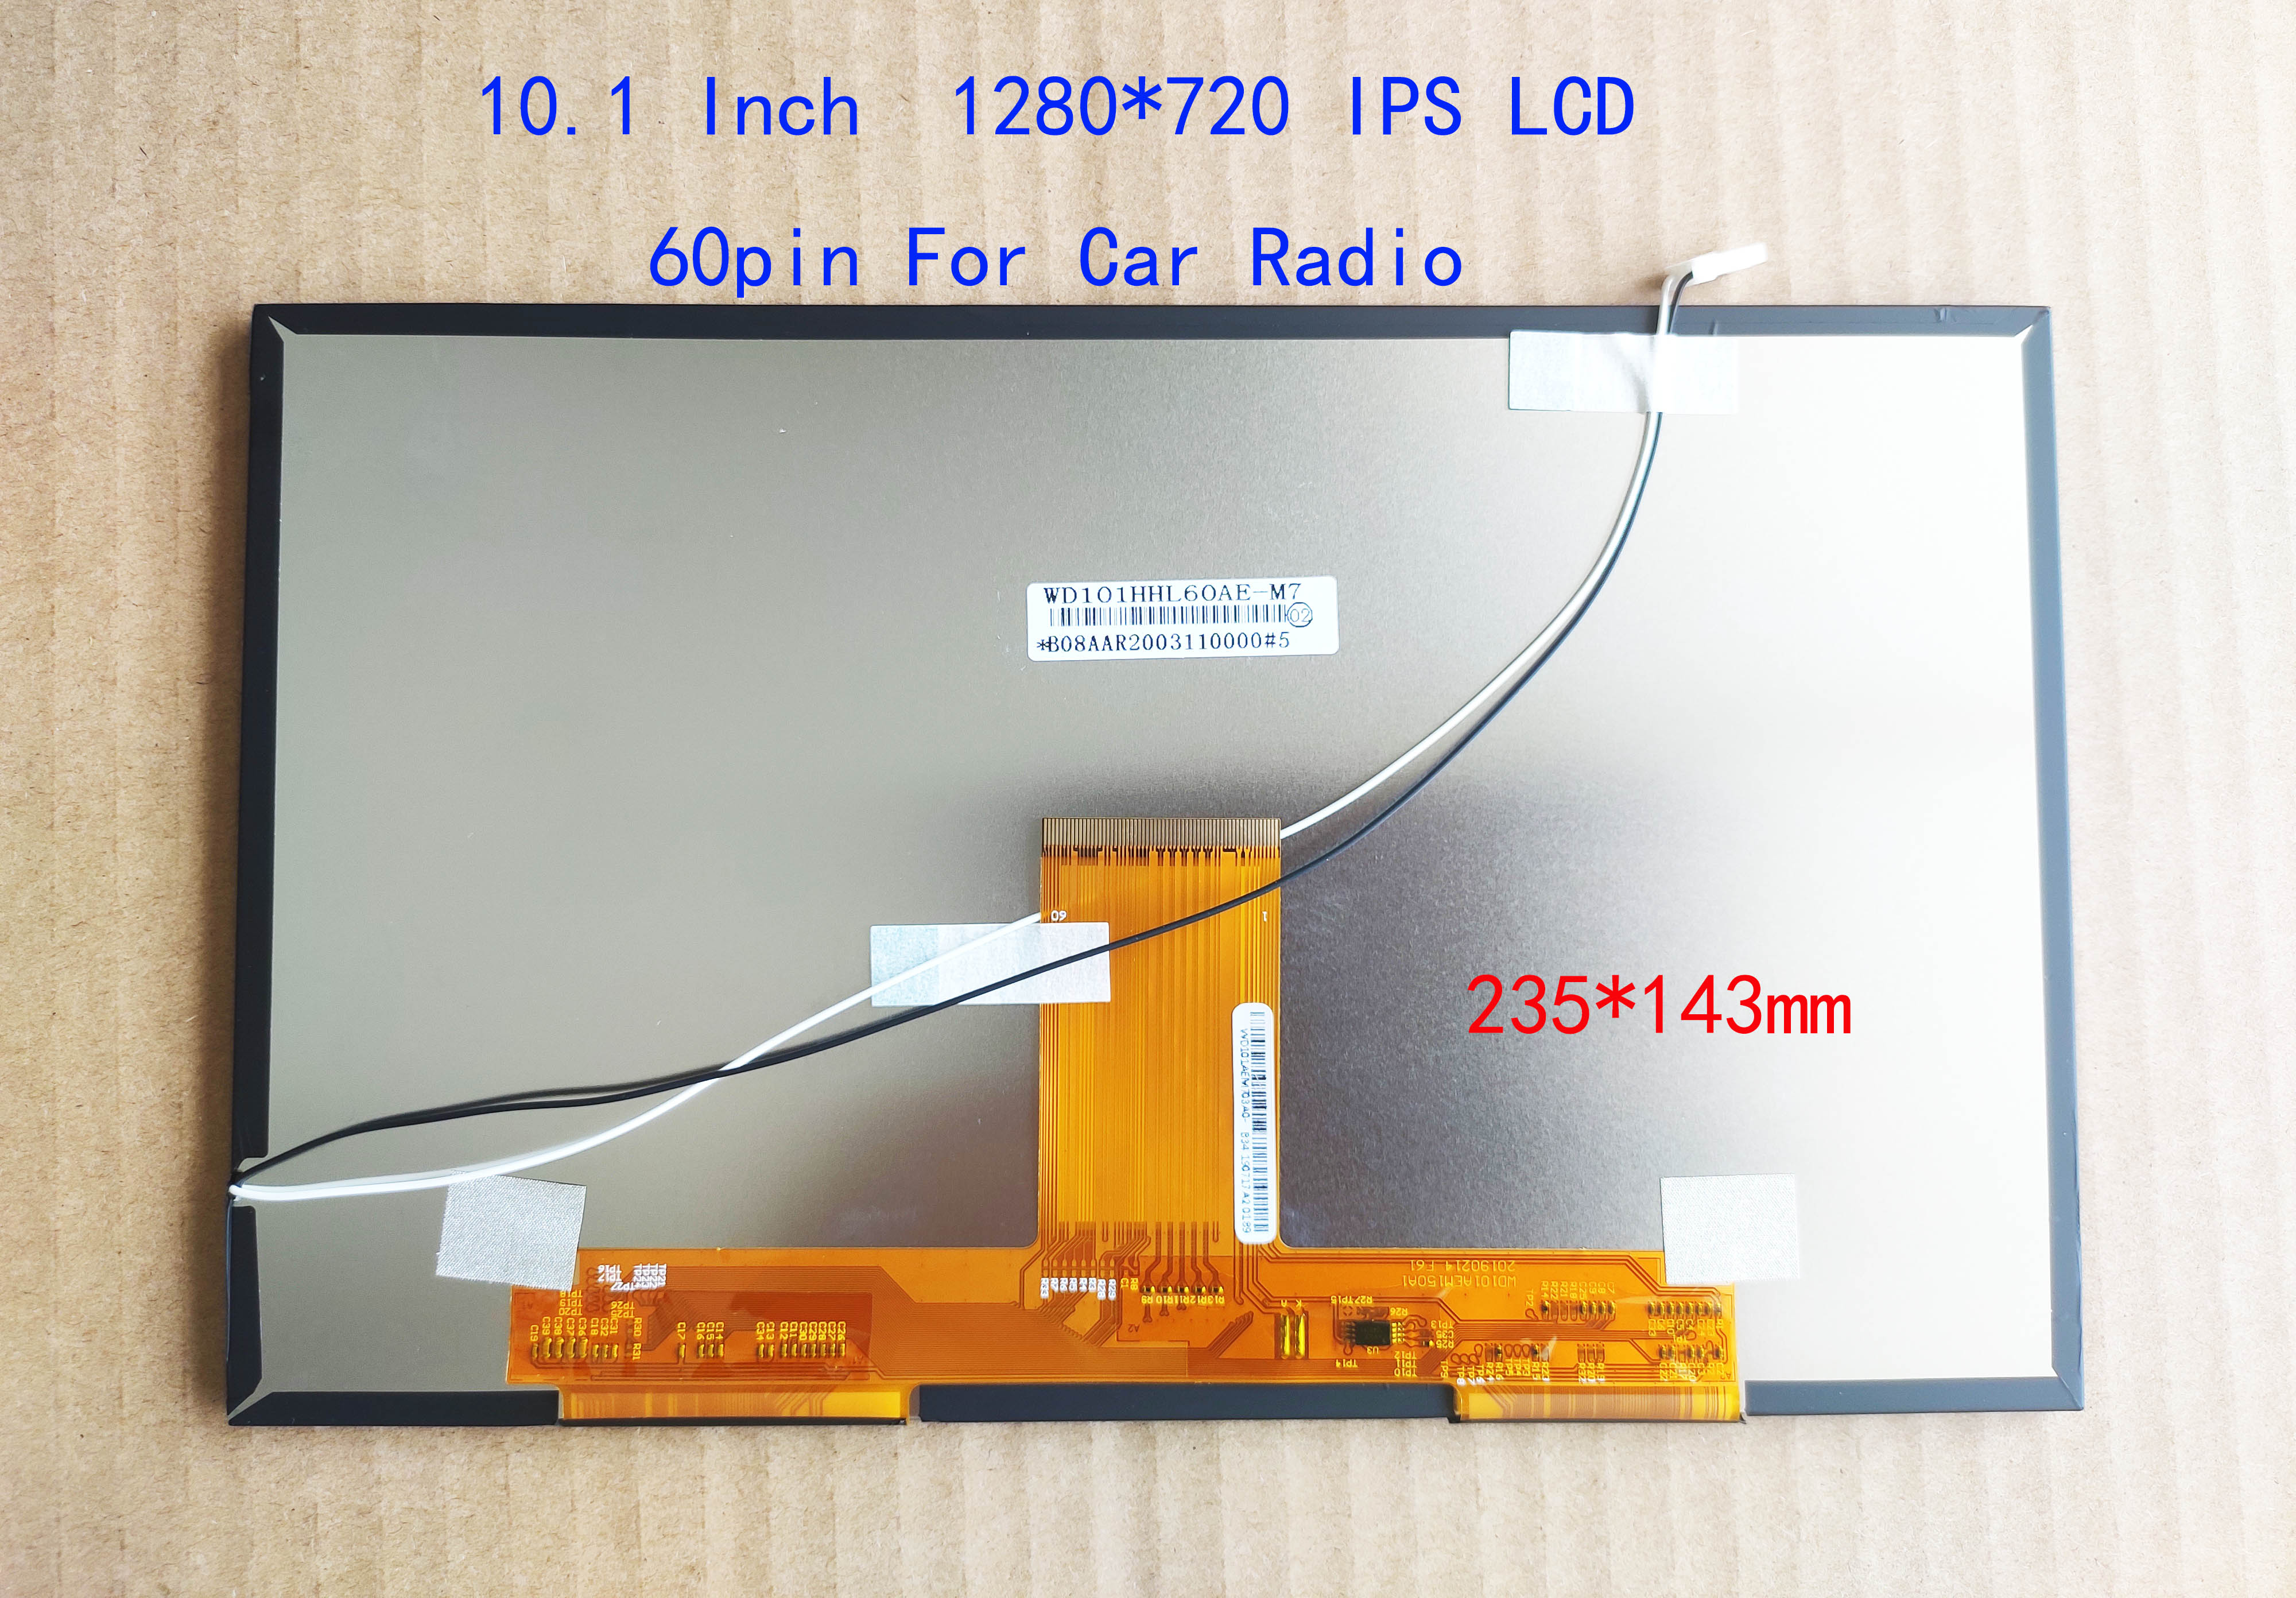 10.1 10.2 بوصة LCD 1280*720 عالية الدقة WD101HHL60A-E ل راديو السيارة CARPC شاشة ل Carplay الملاحة 235*143 مللي متر D8bit